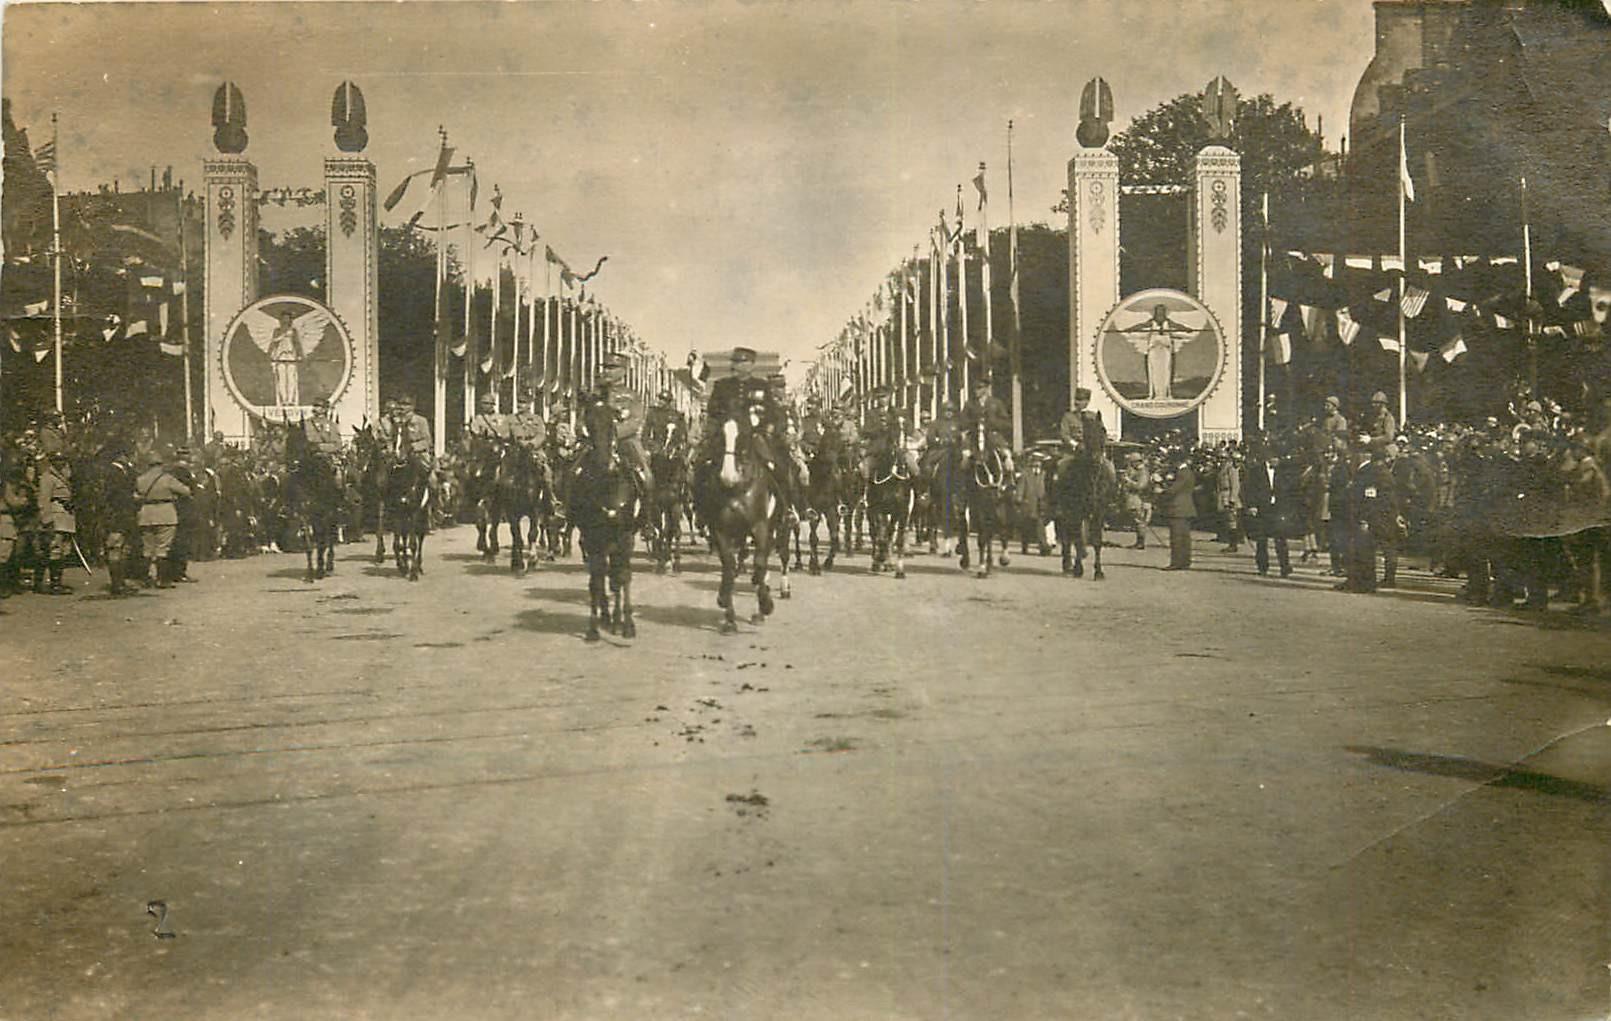 WW PARIS 1918. Défilé du XIV Juillet Etat Major Français aux Champs-Elysées